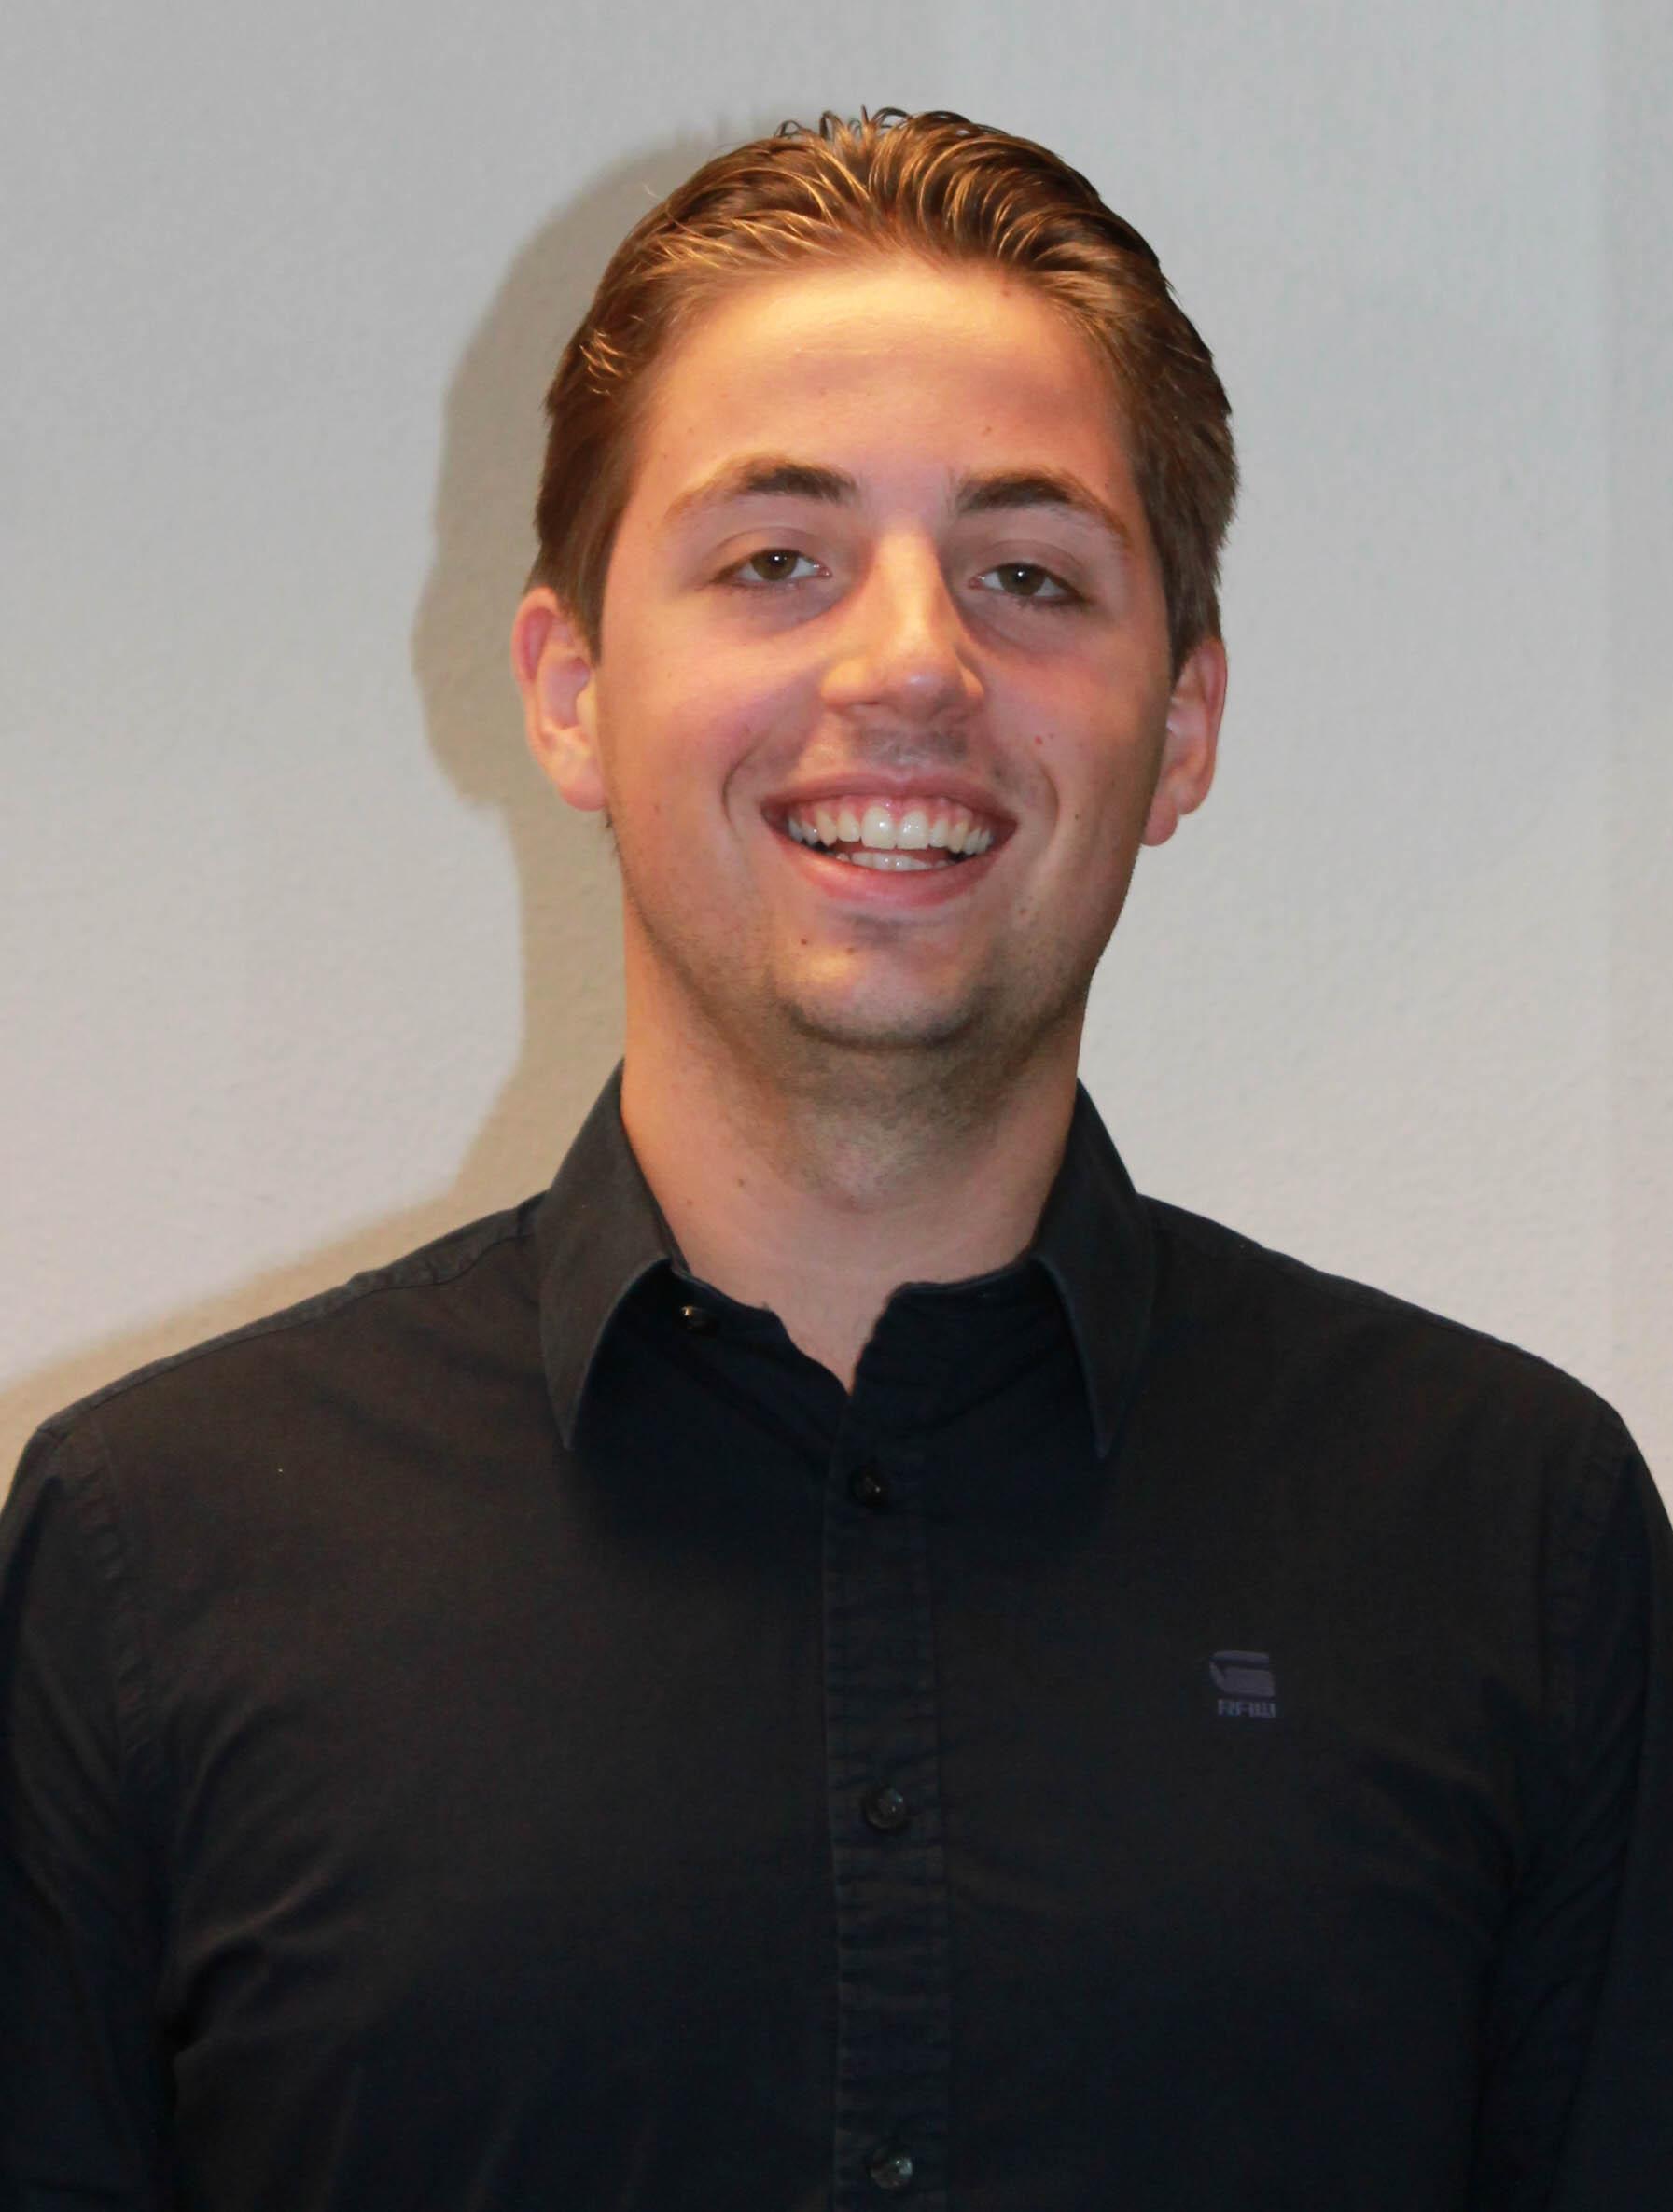 Sander Gillissen